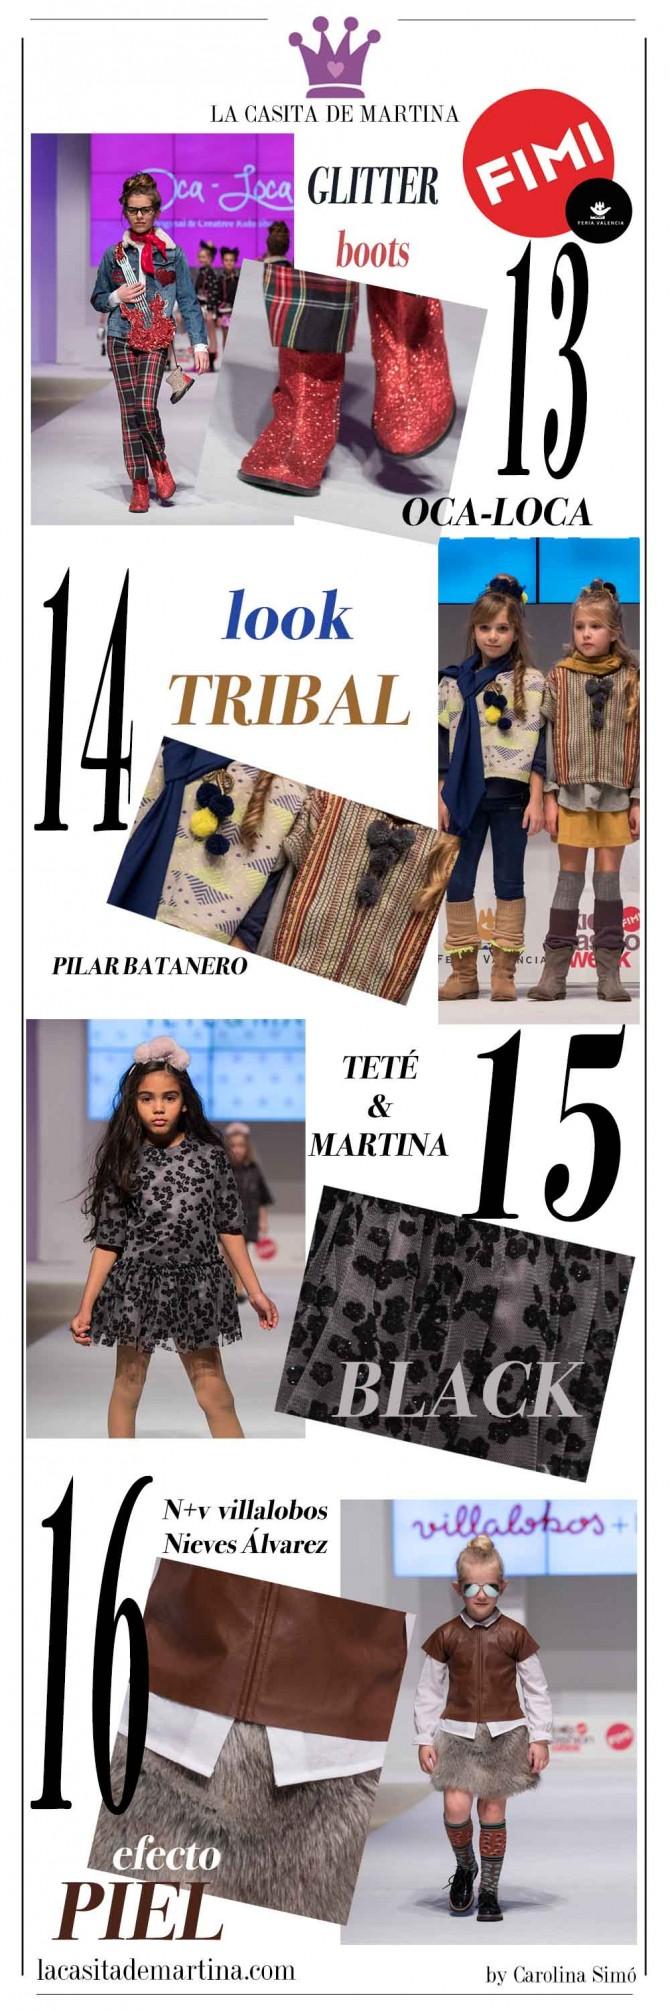 Tendencias Moda Infantil 2016, Blog de Moda Infantil, Carolina Simo, Fimi Feria Moda Infantil, Pasarela Ninos